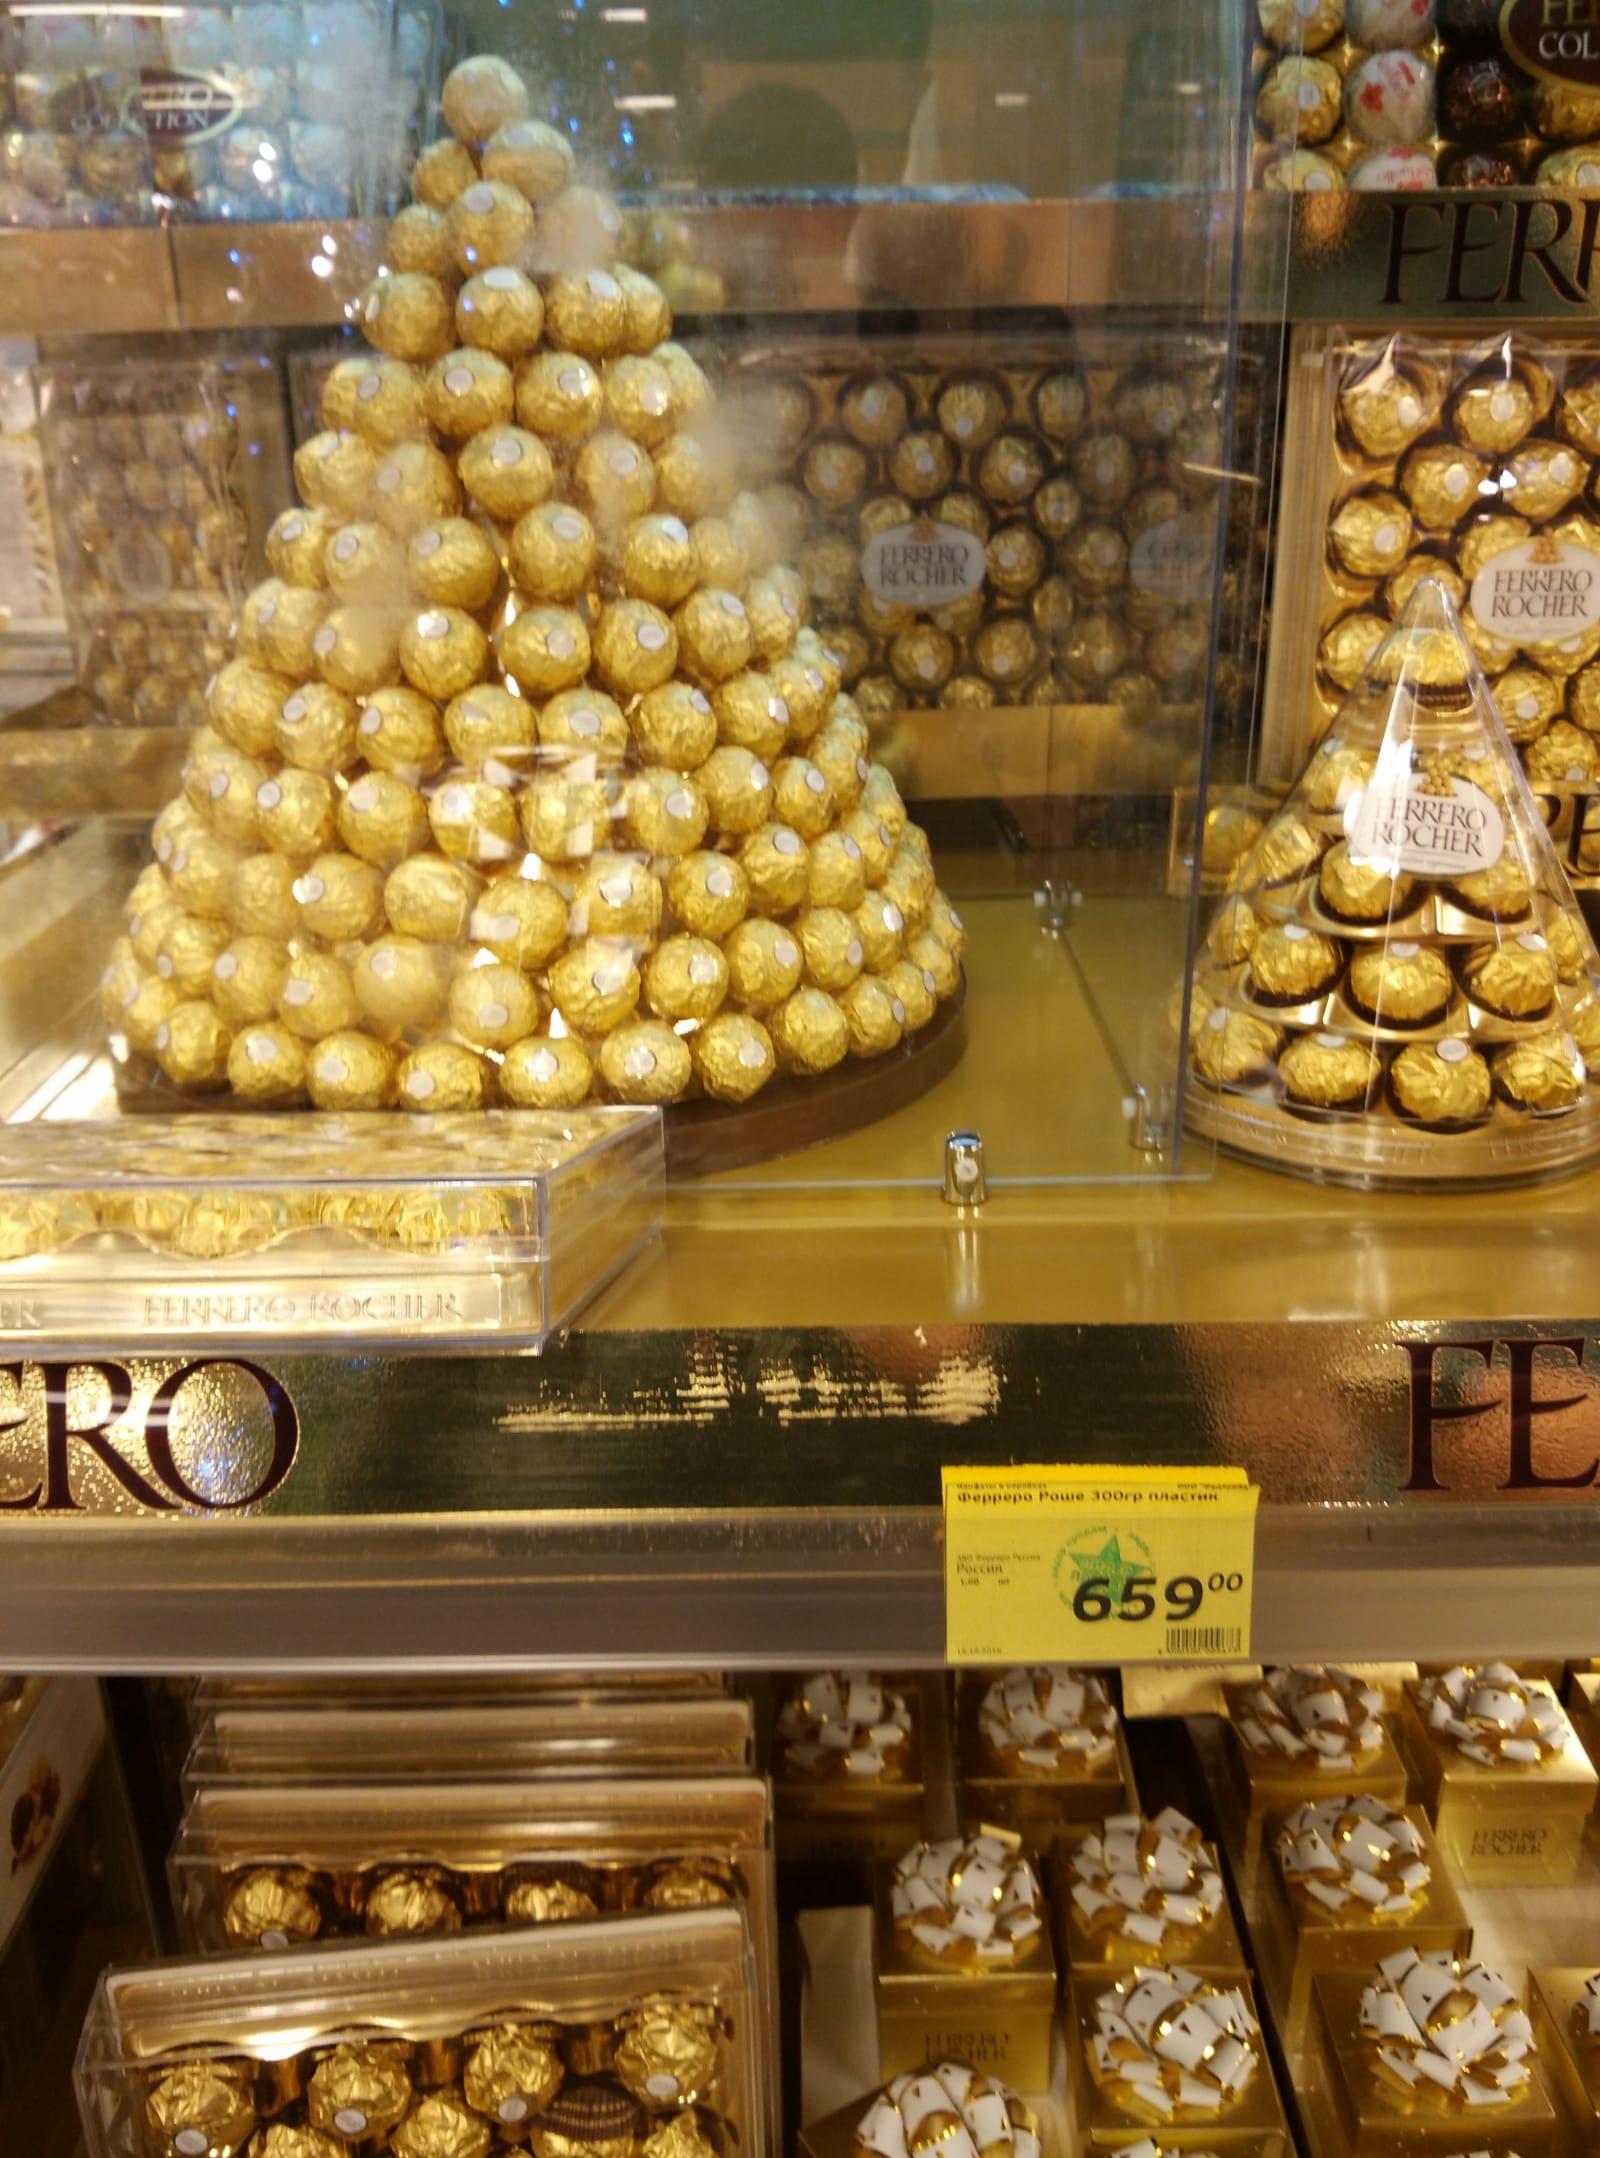 巧克力|俄罗斯留学物价|俄罗斯超市物价|俄罗斯留学